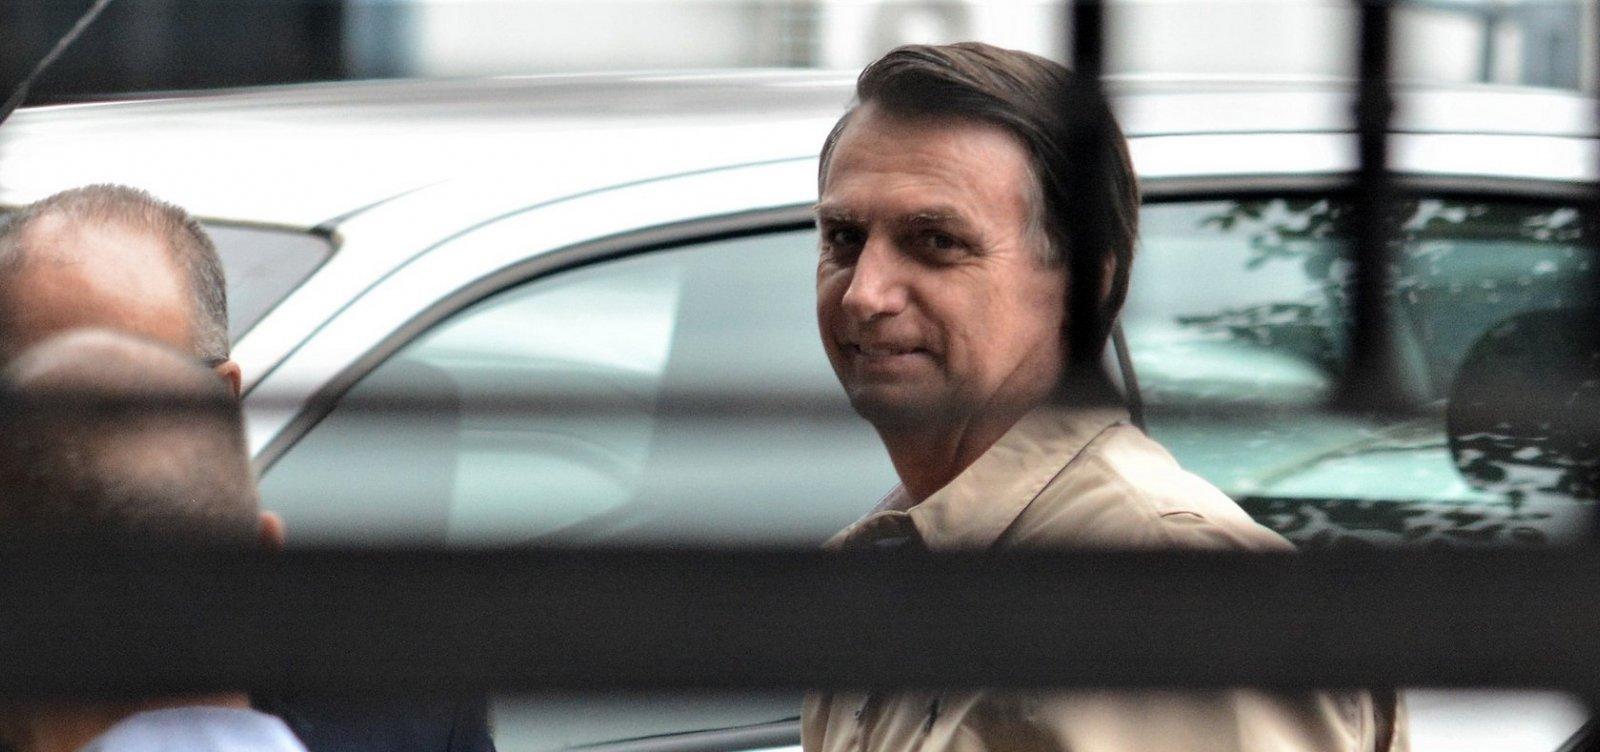 ['Se alguém falou em fechar STF, precisa de psiquiatra', diz Bolsonaro sobre fala do filho]